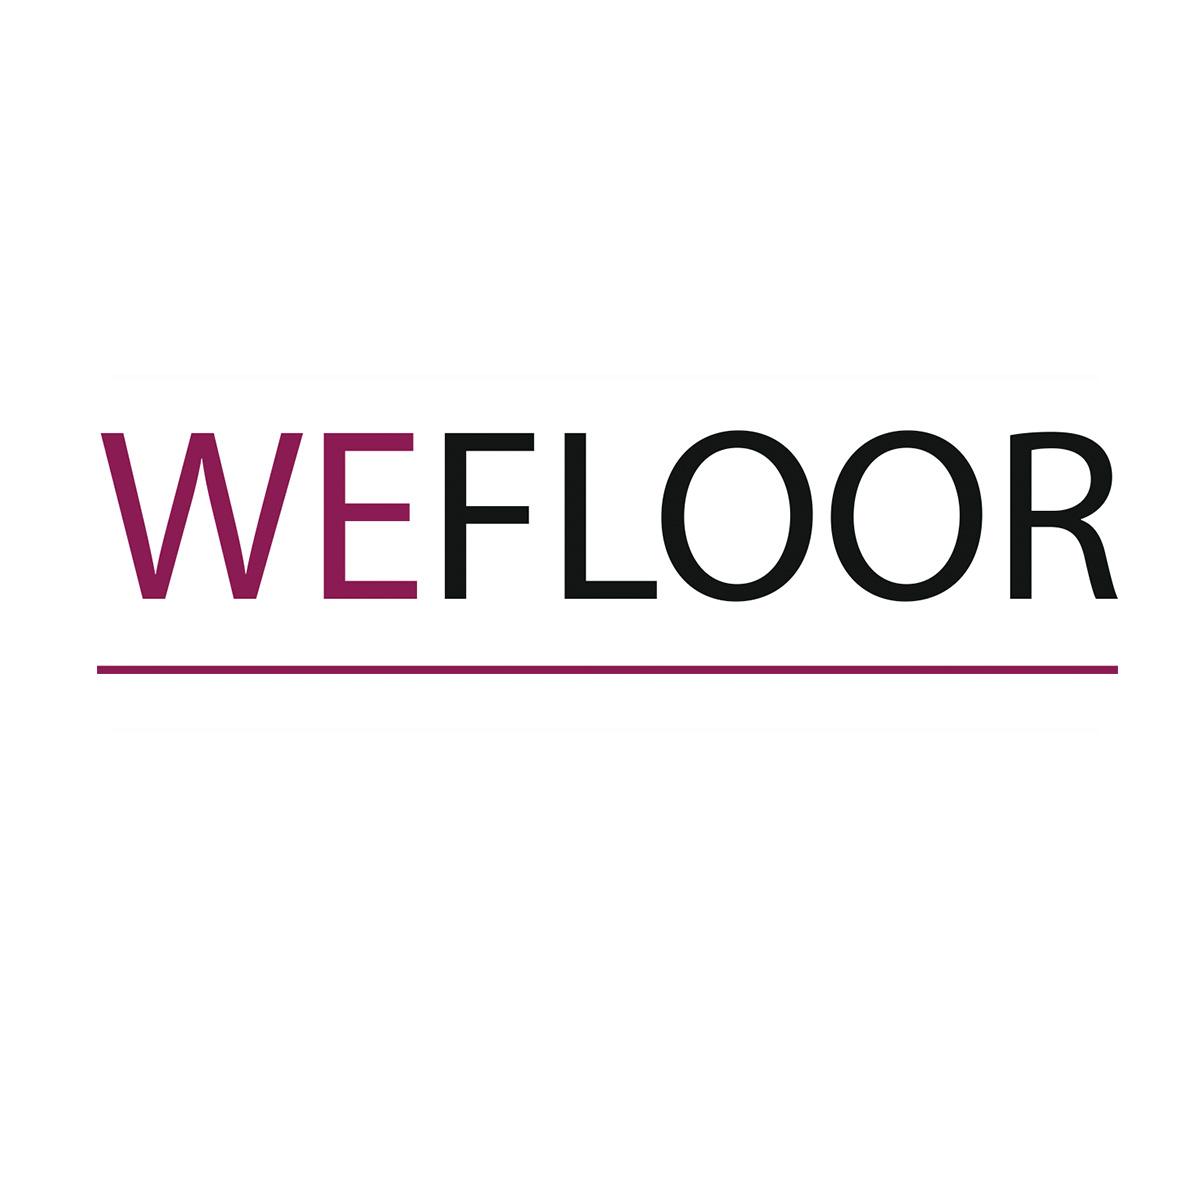 Wefloor